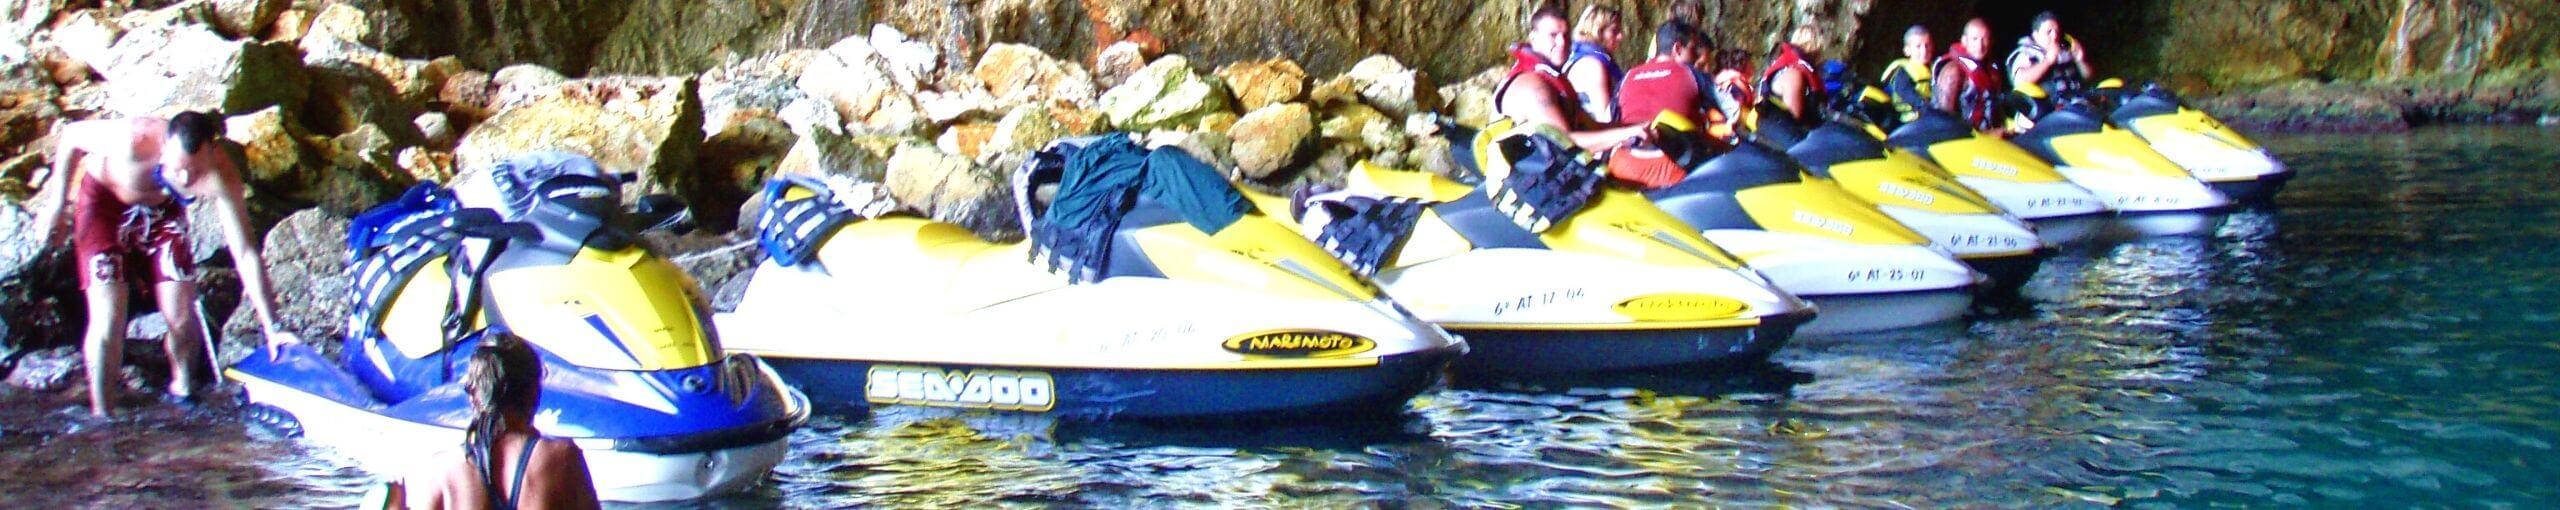 Cuevas del Cabo de la Nao en Moto de Agua. Jávea. Alicante, Comunidad Valenciana.